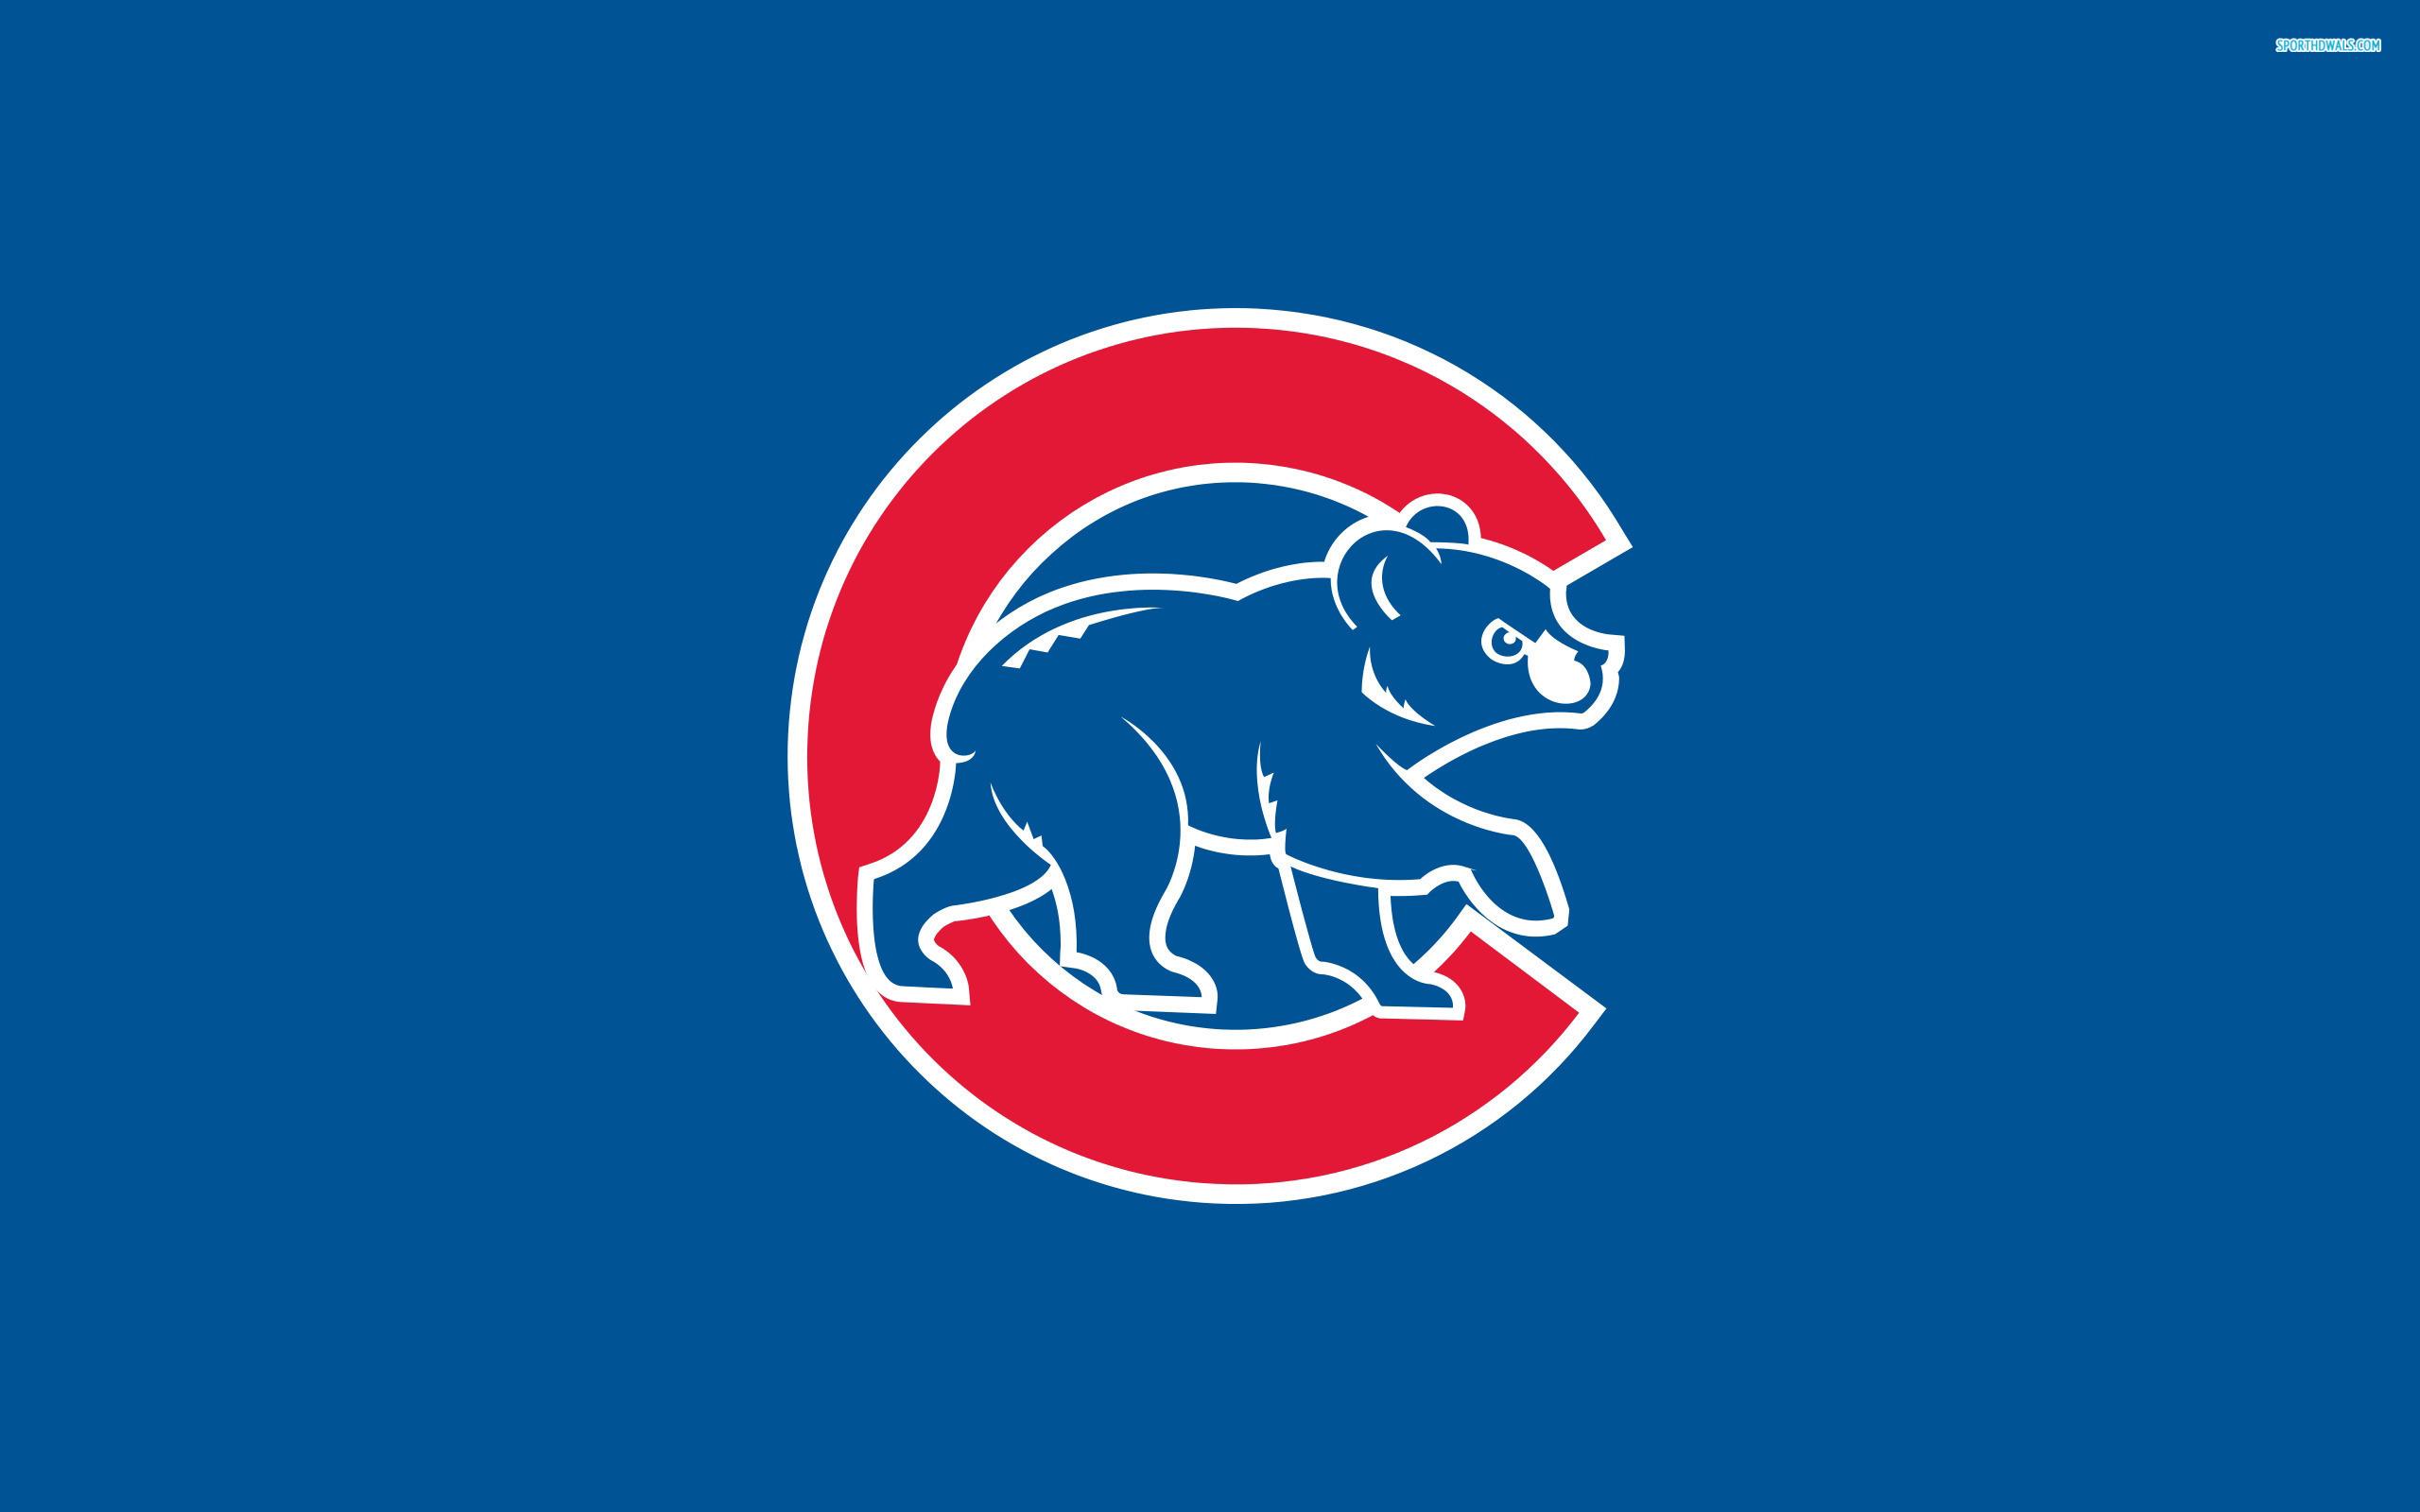 Chicago Cubs wallpaper 2560x1600 69229 2560x1600